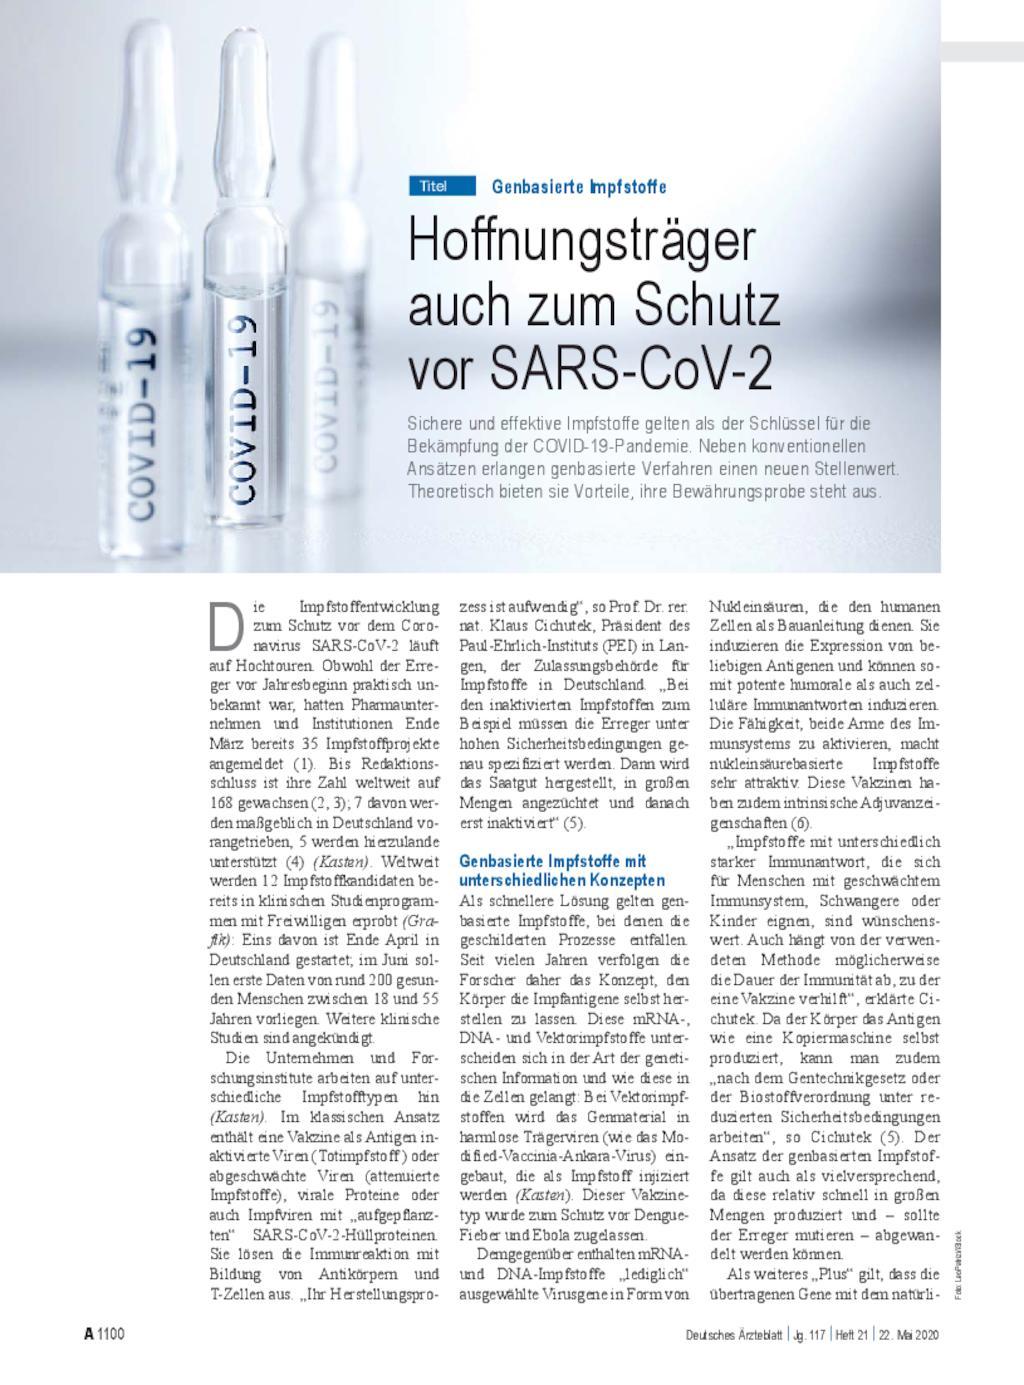 Genbasierte Impfstoffe Hoffnungstrager Auch Zum Schutz Vor Sars Cov 2